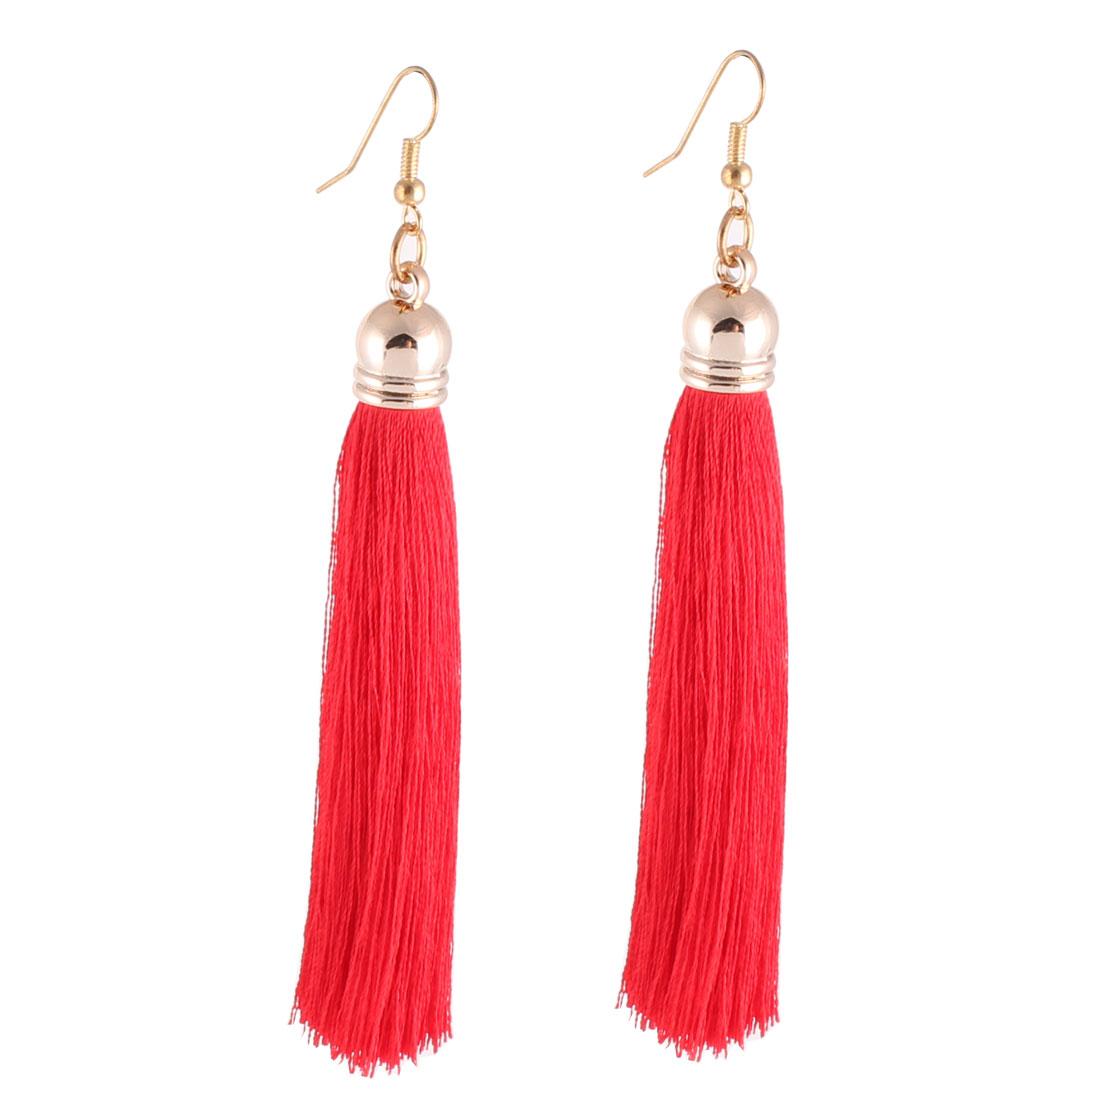 Ladies Metal Hook Polyester Tassel Ornament Drop Earbobs Earrings Red Pair